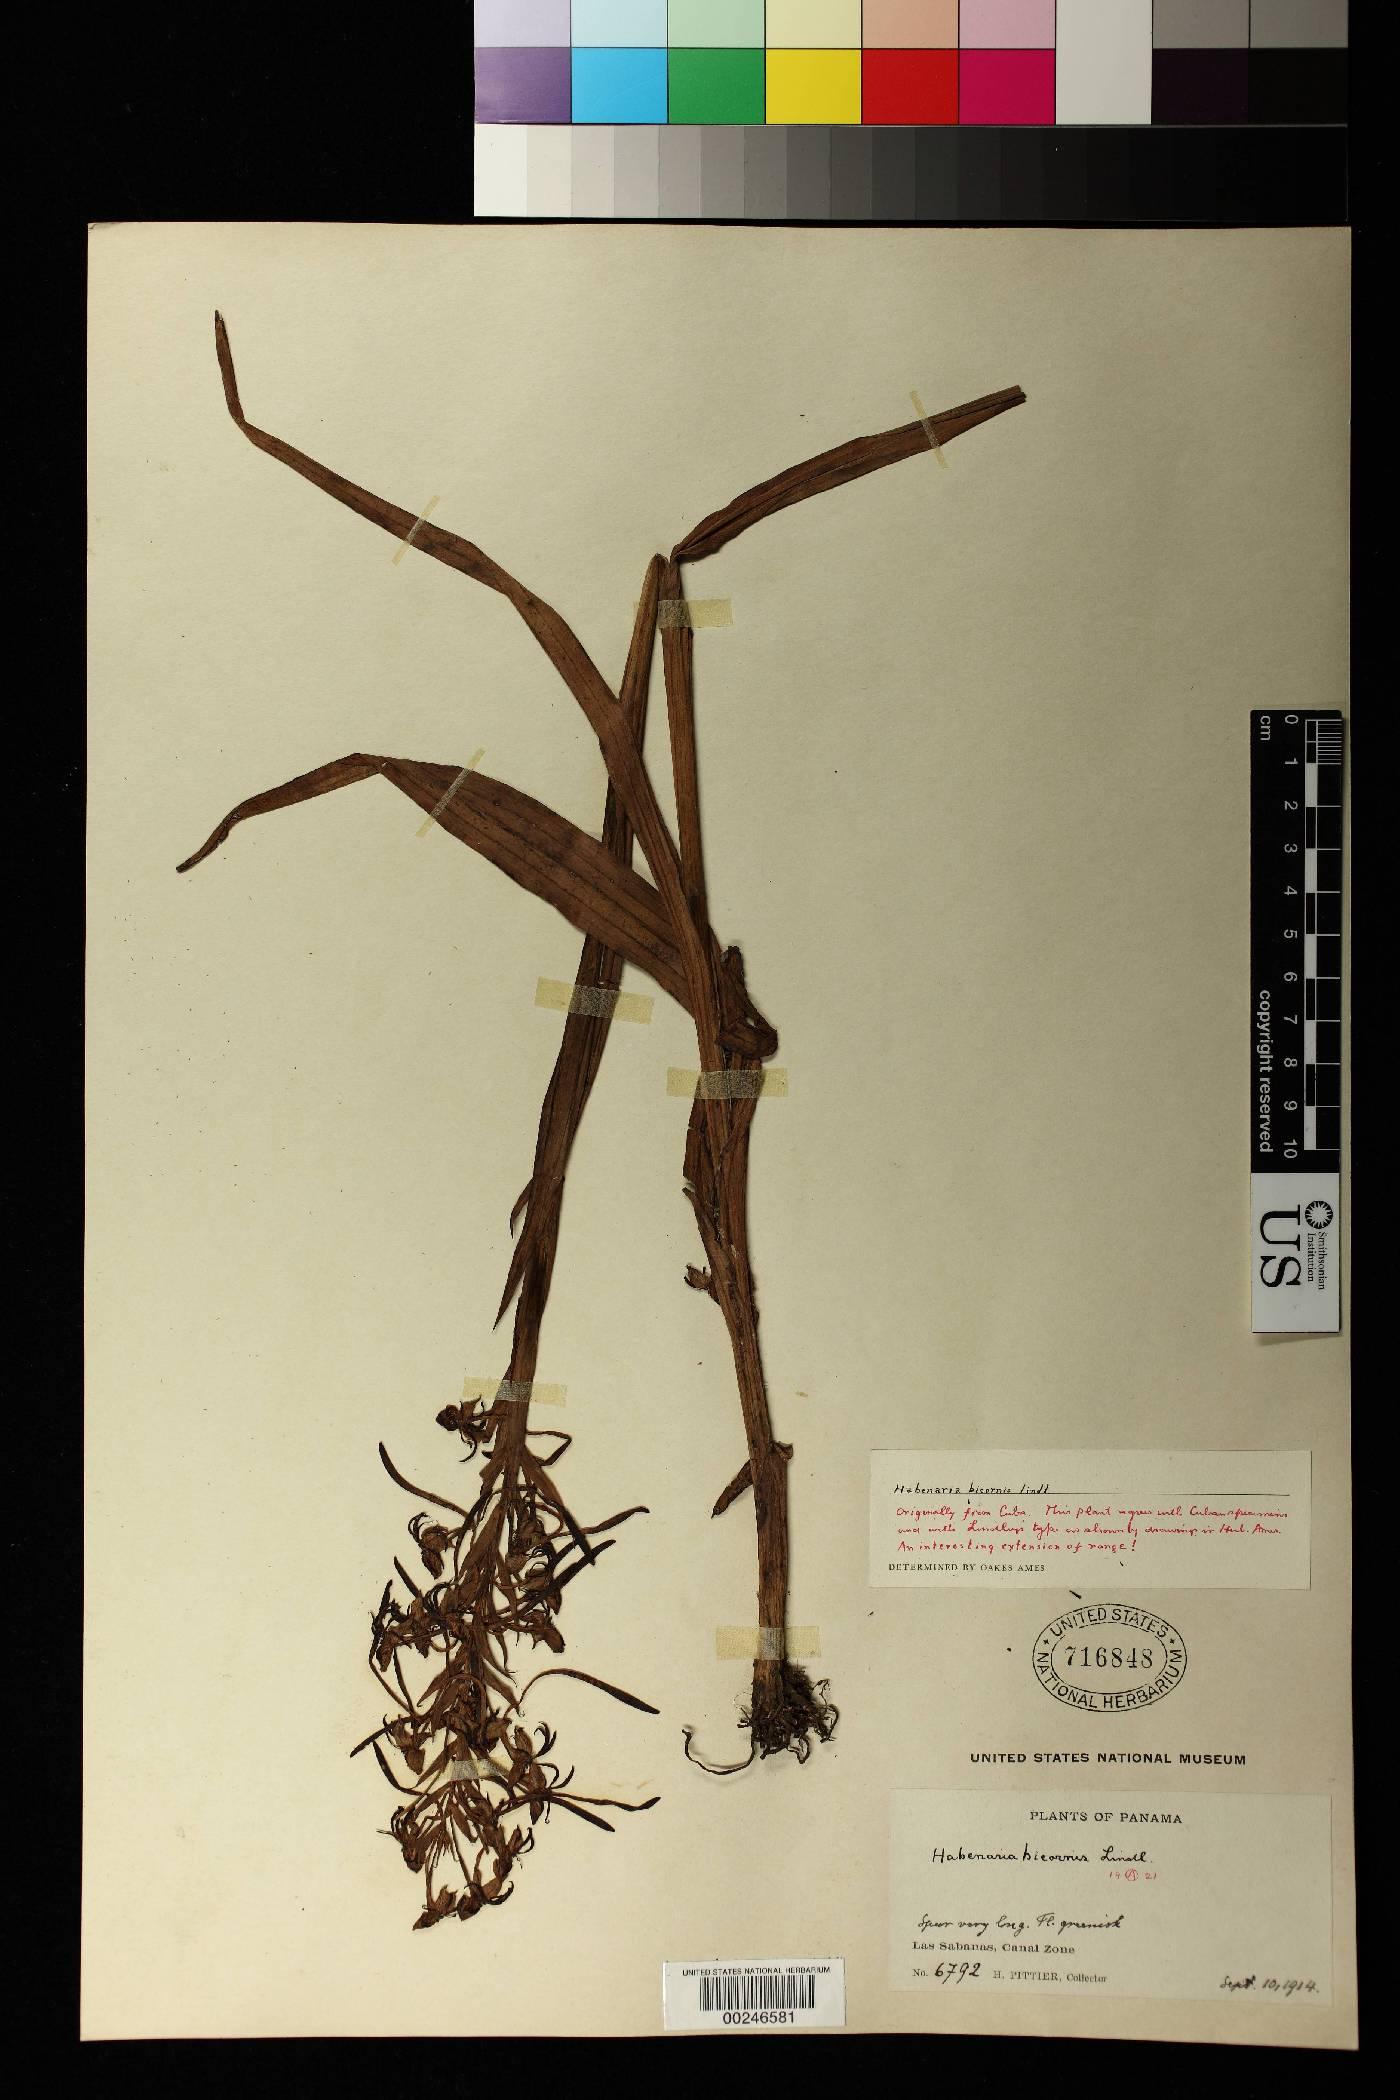 Habenaria bicornis image